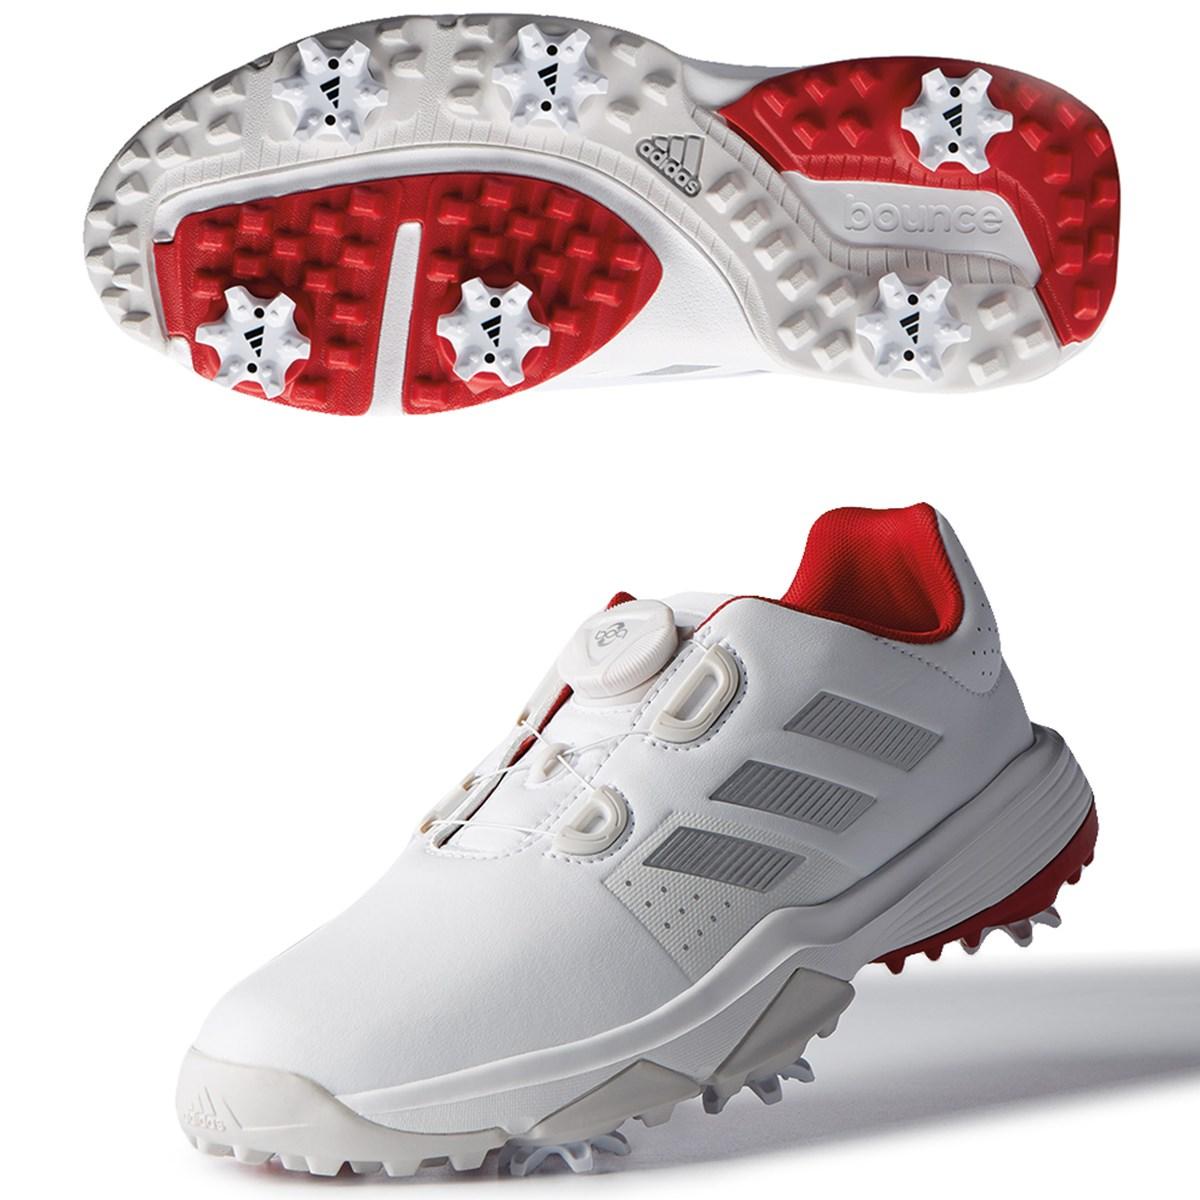 アディダス(adidas) アディパワー ボアシューズジュニア